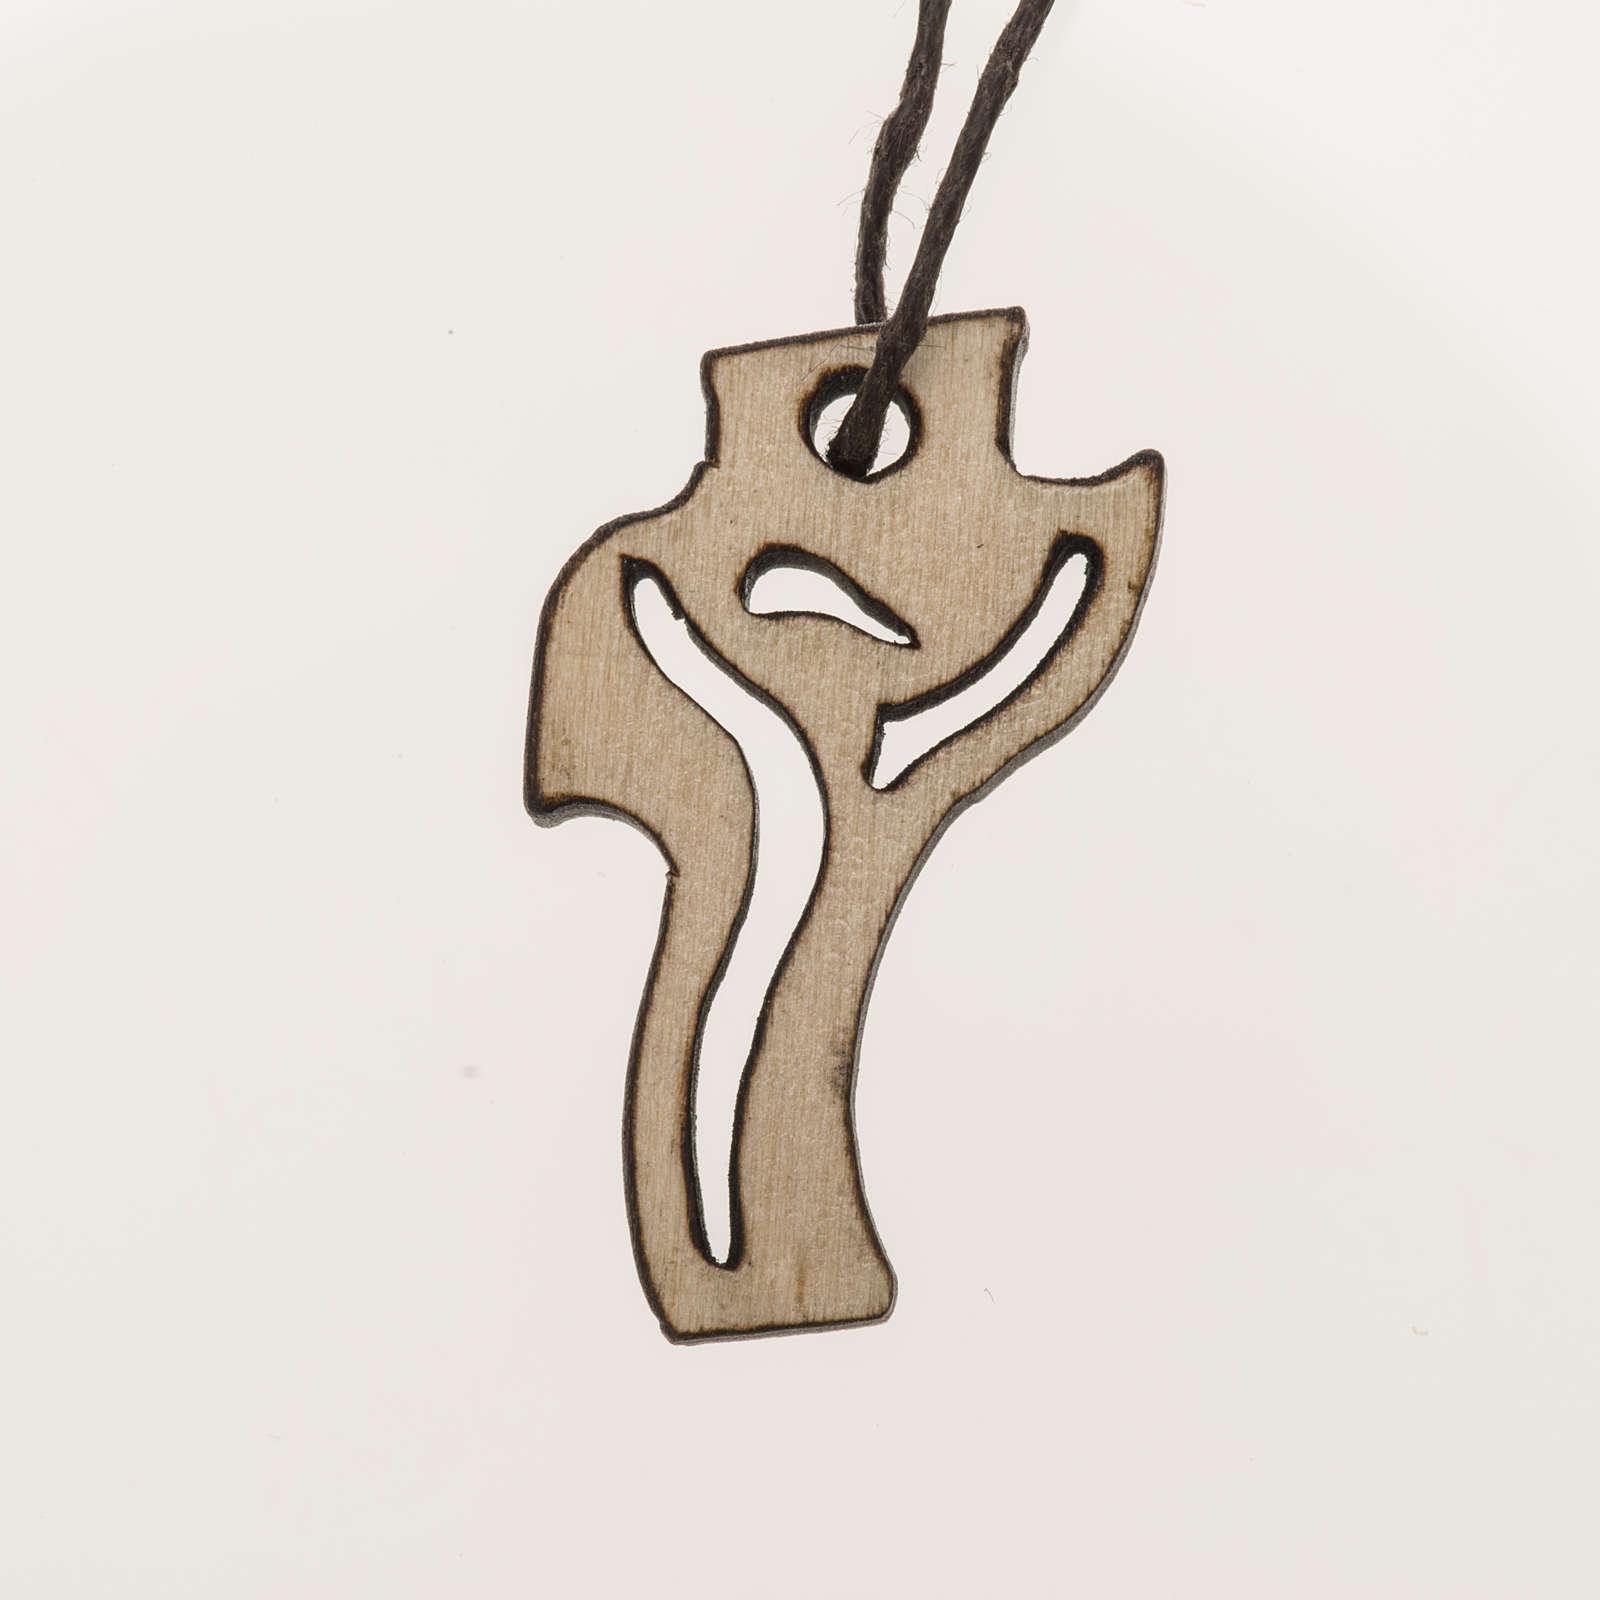 Krzyż Pierwsza Komunia Zmartwychwstały drewno jasne 3.6x2 cm 4